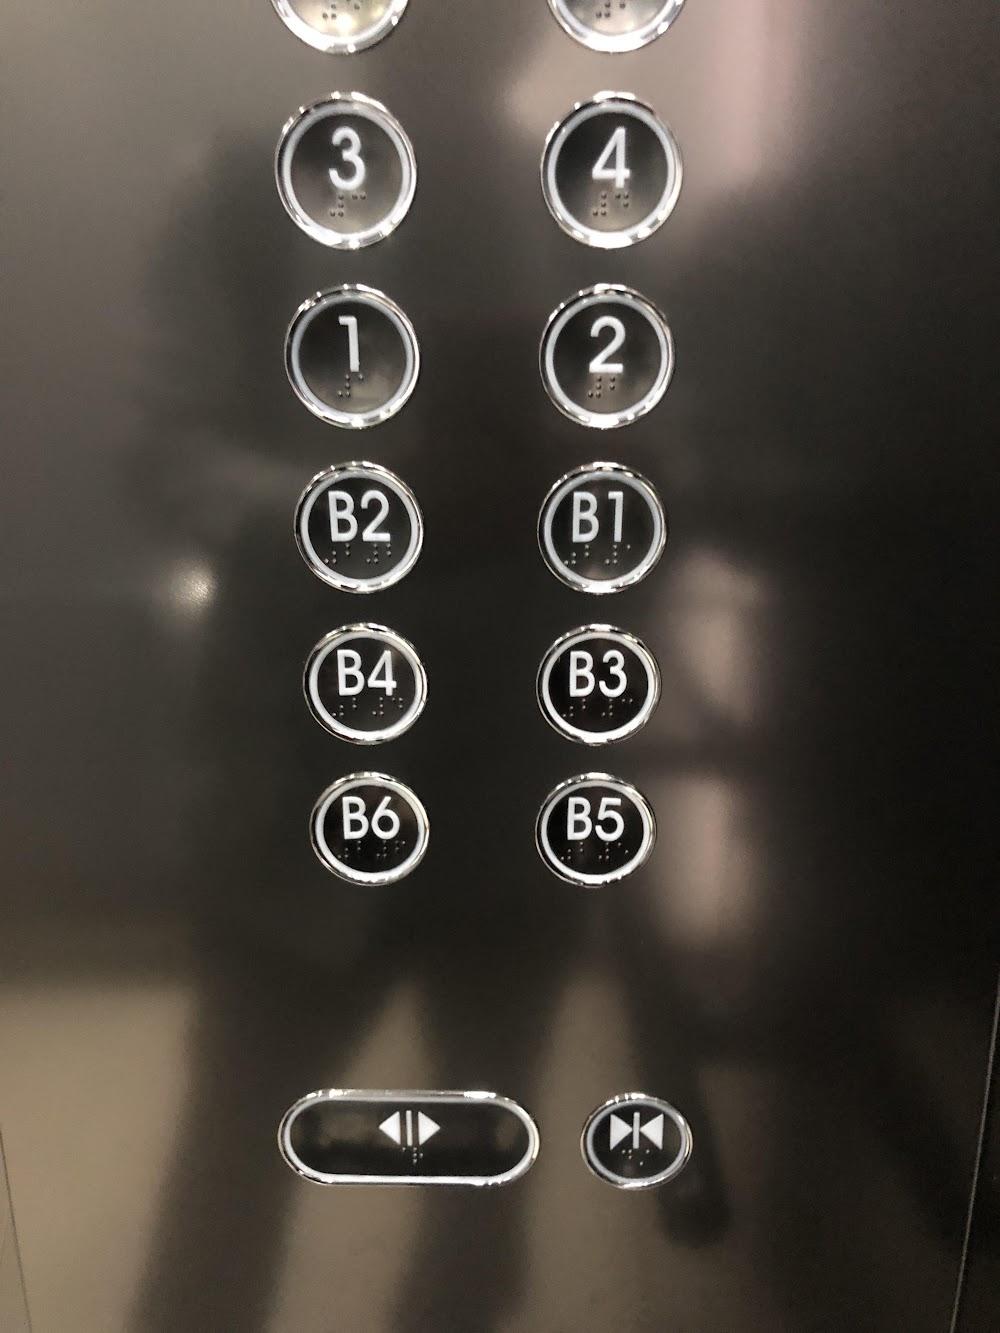 엘레베이터 열기와 닫기 버튼